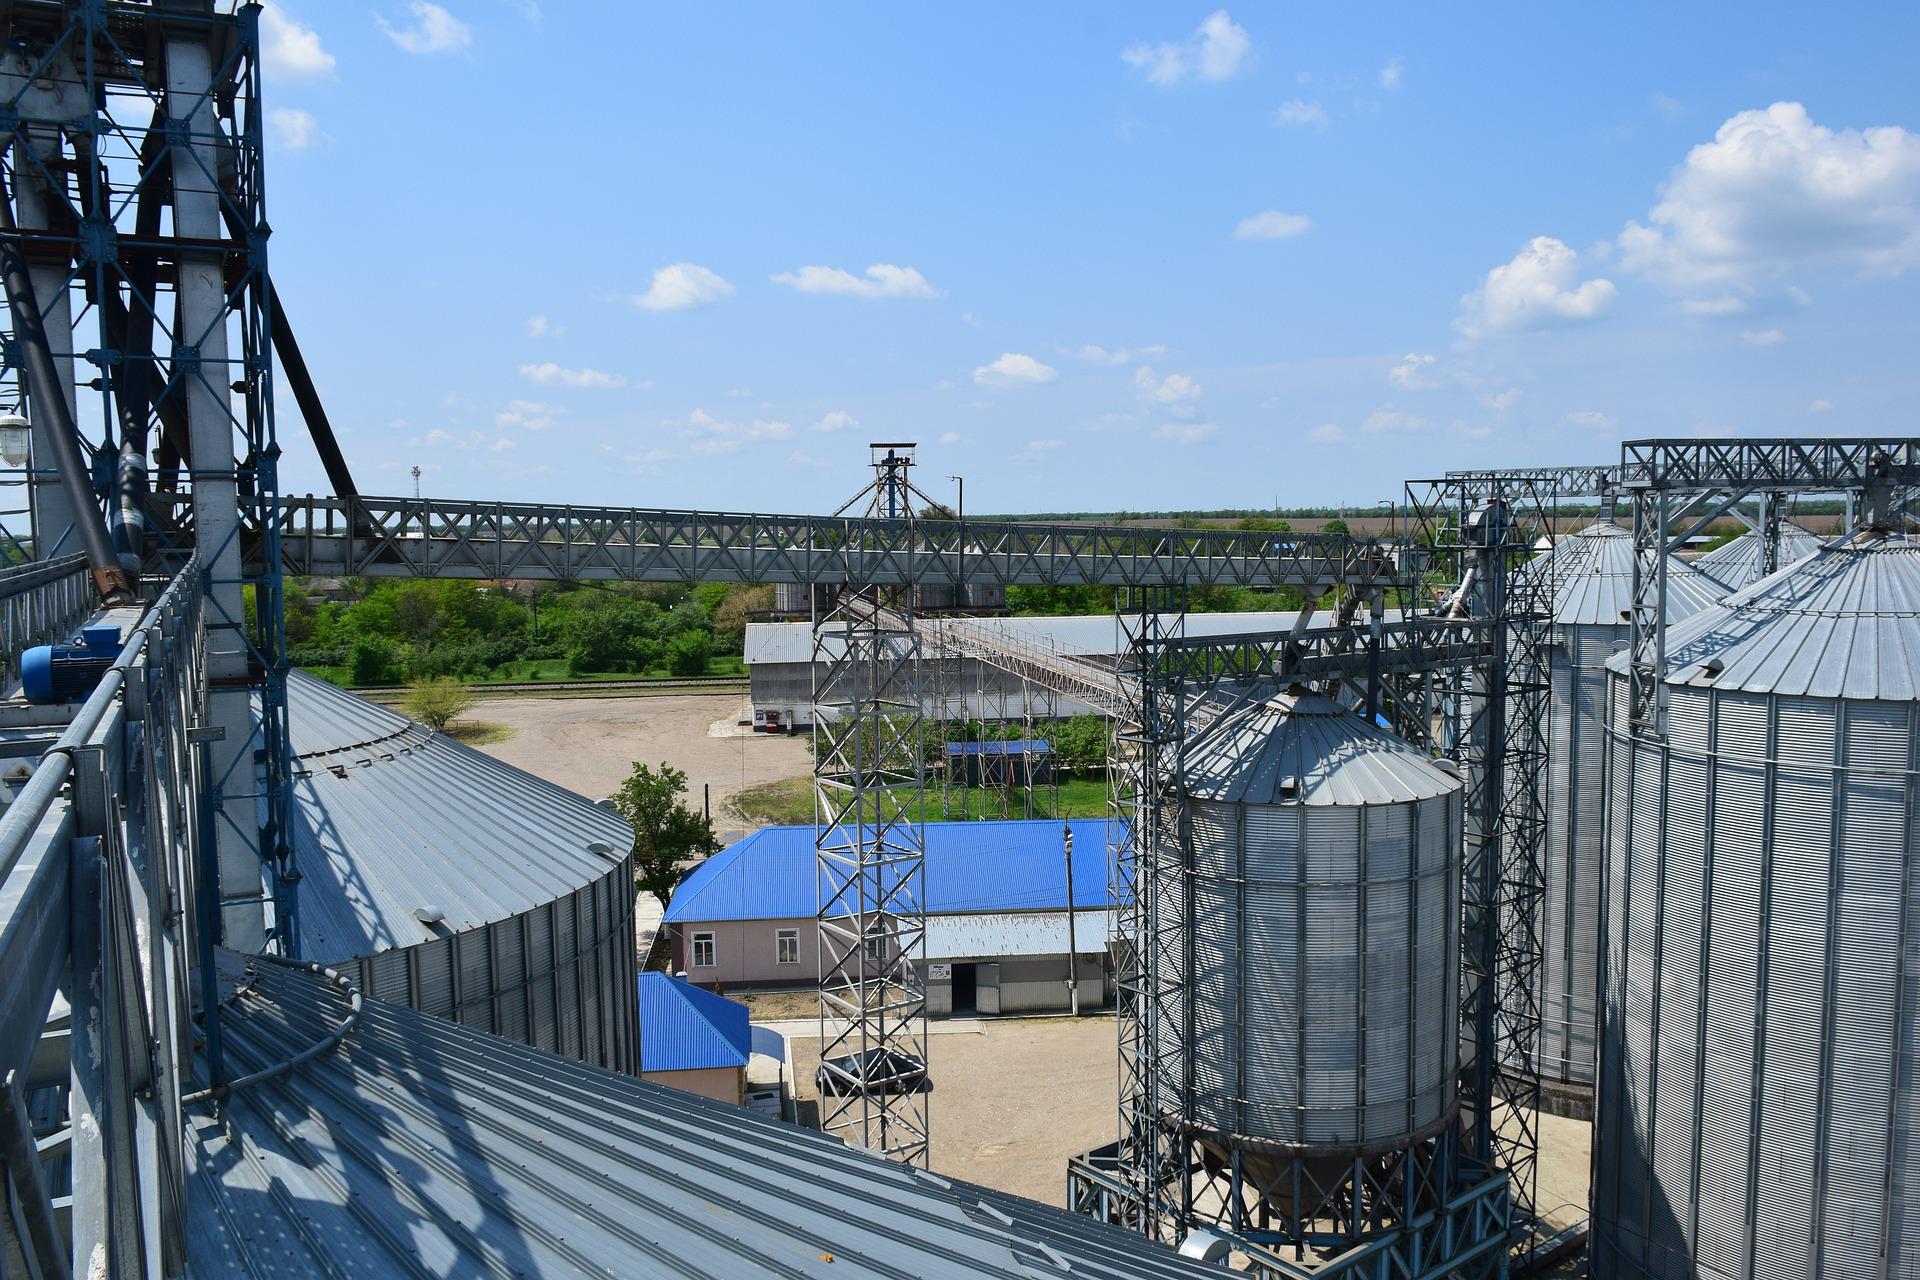 «Епіцентр Агро» збудував на Київщині елеваторний хаб потужністю 105 тис. тонн